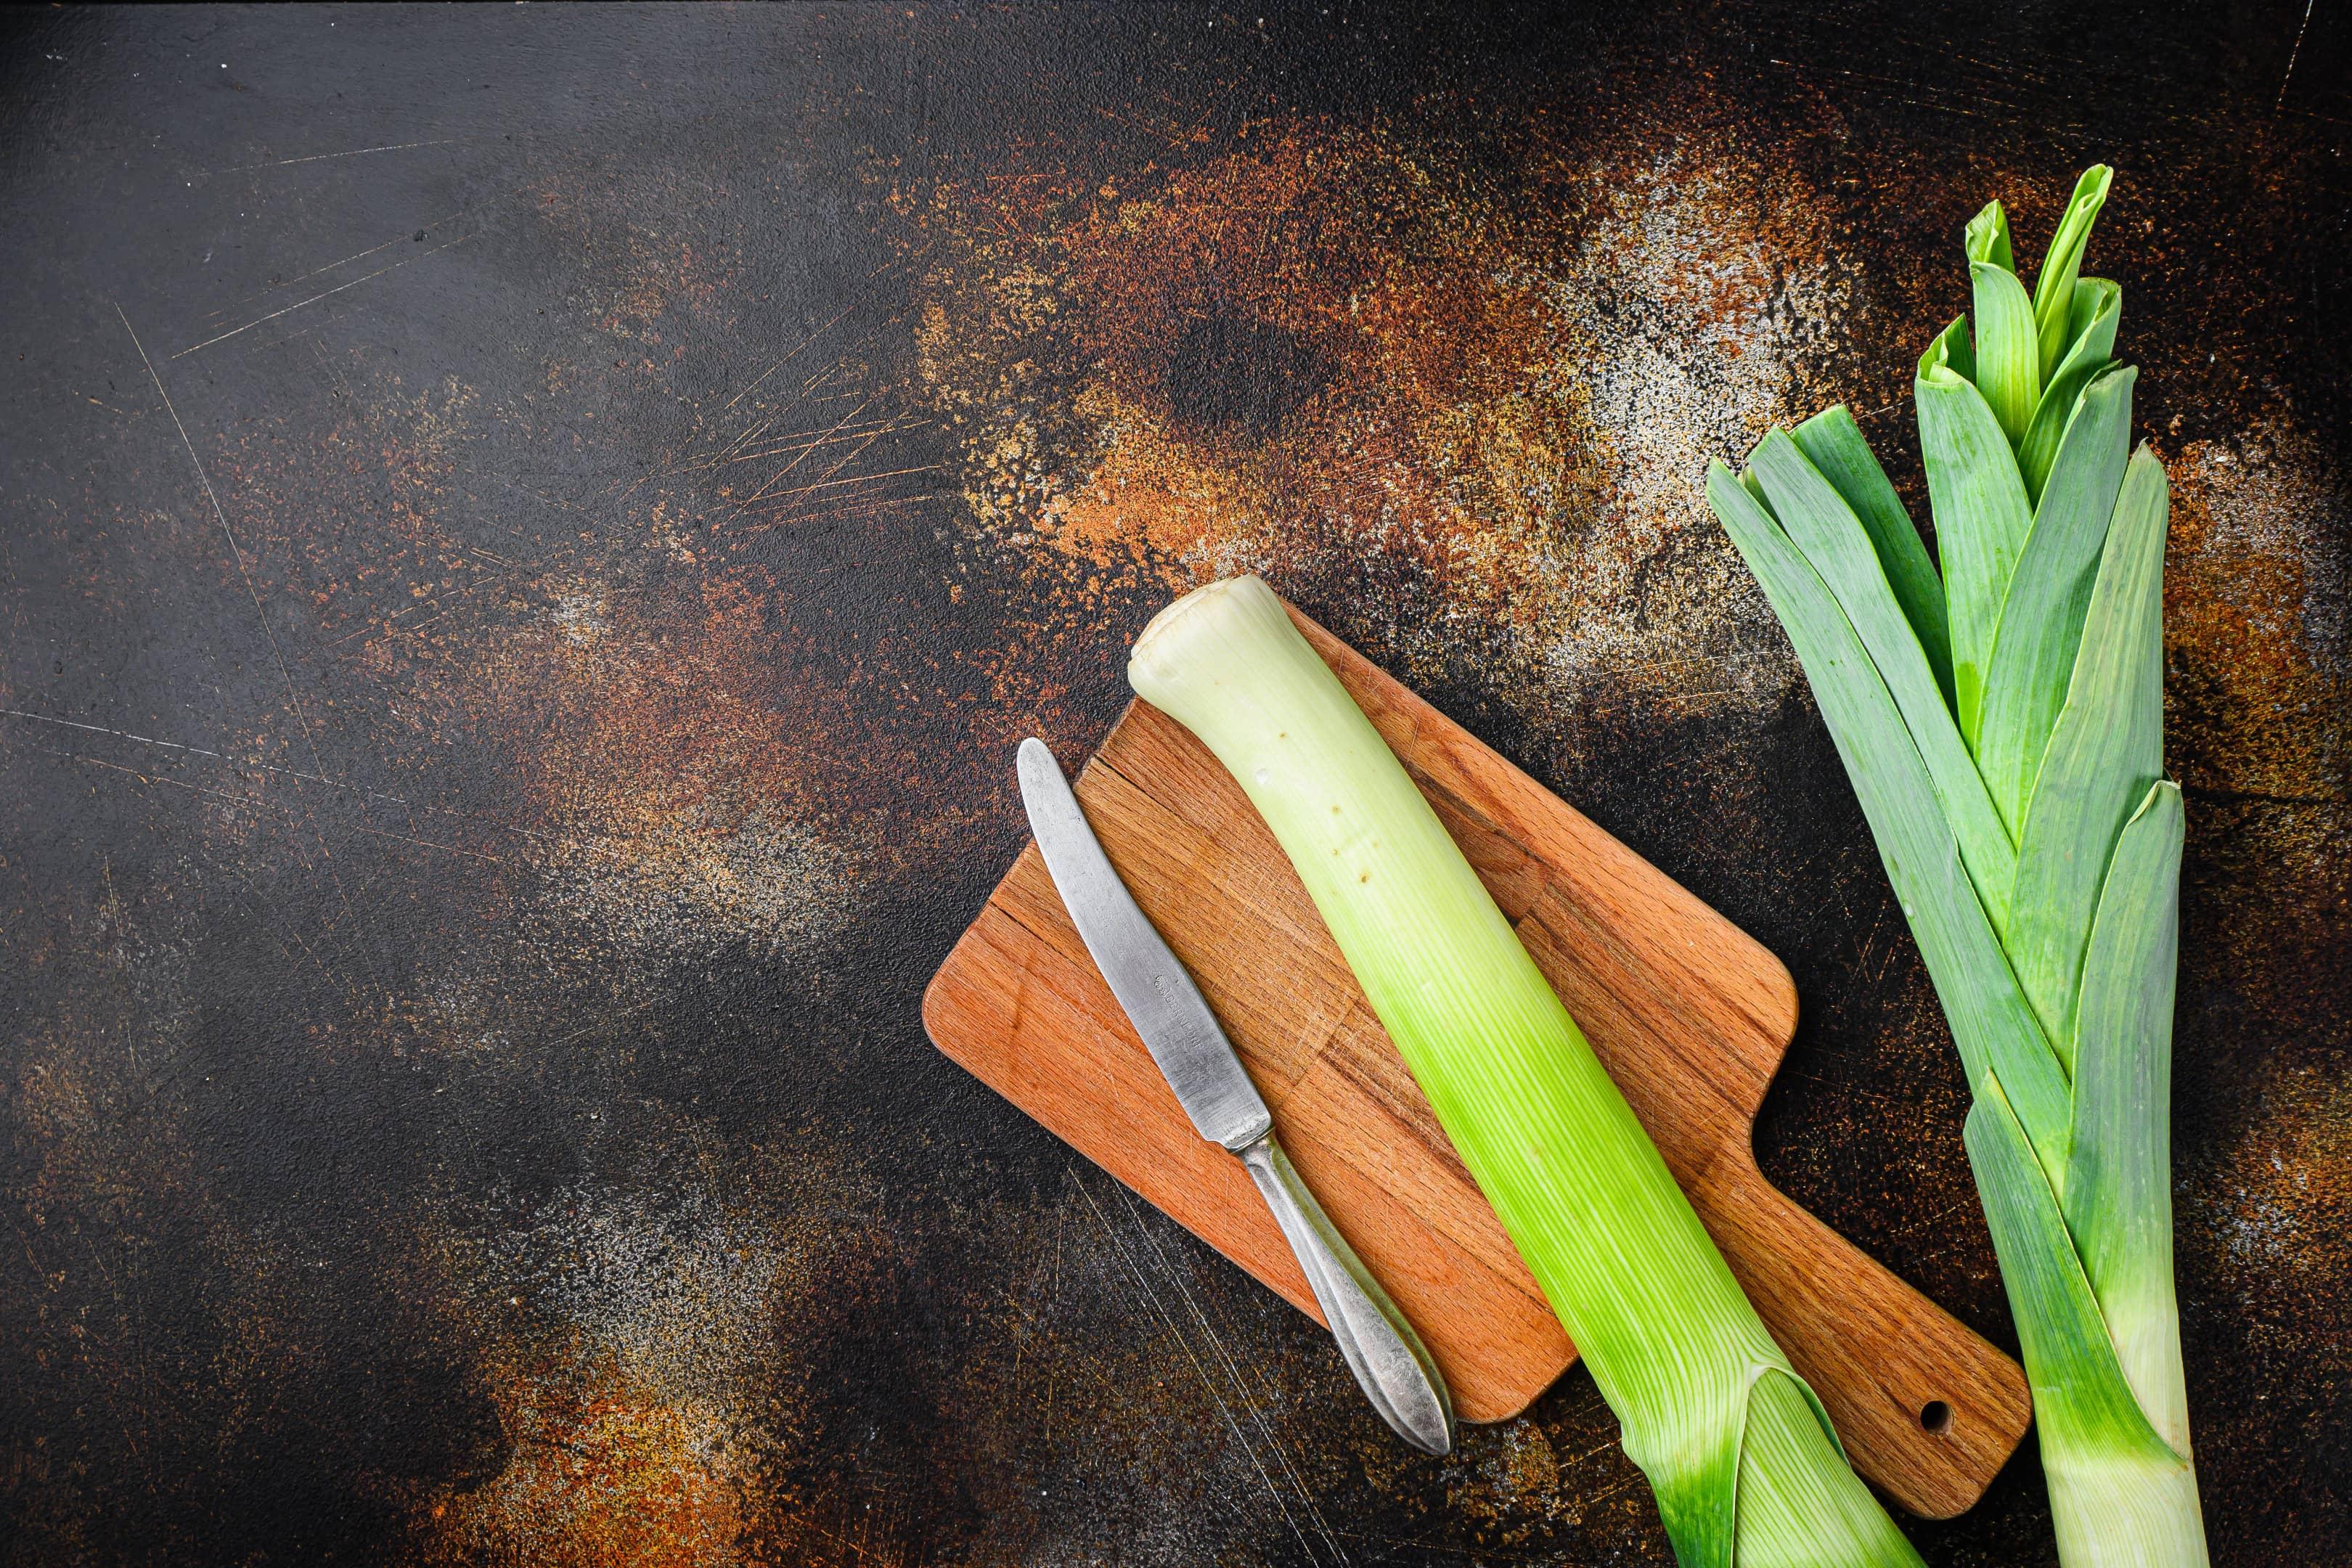 Leek stalks on wooden cutting board